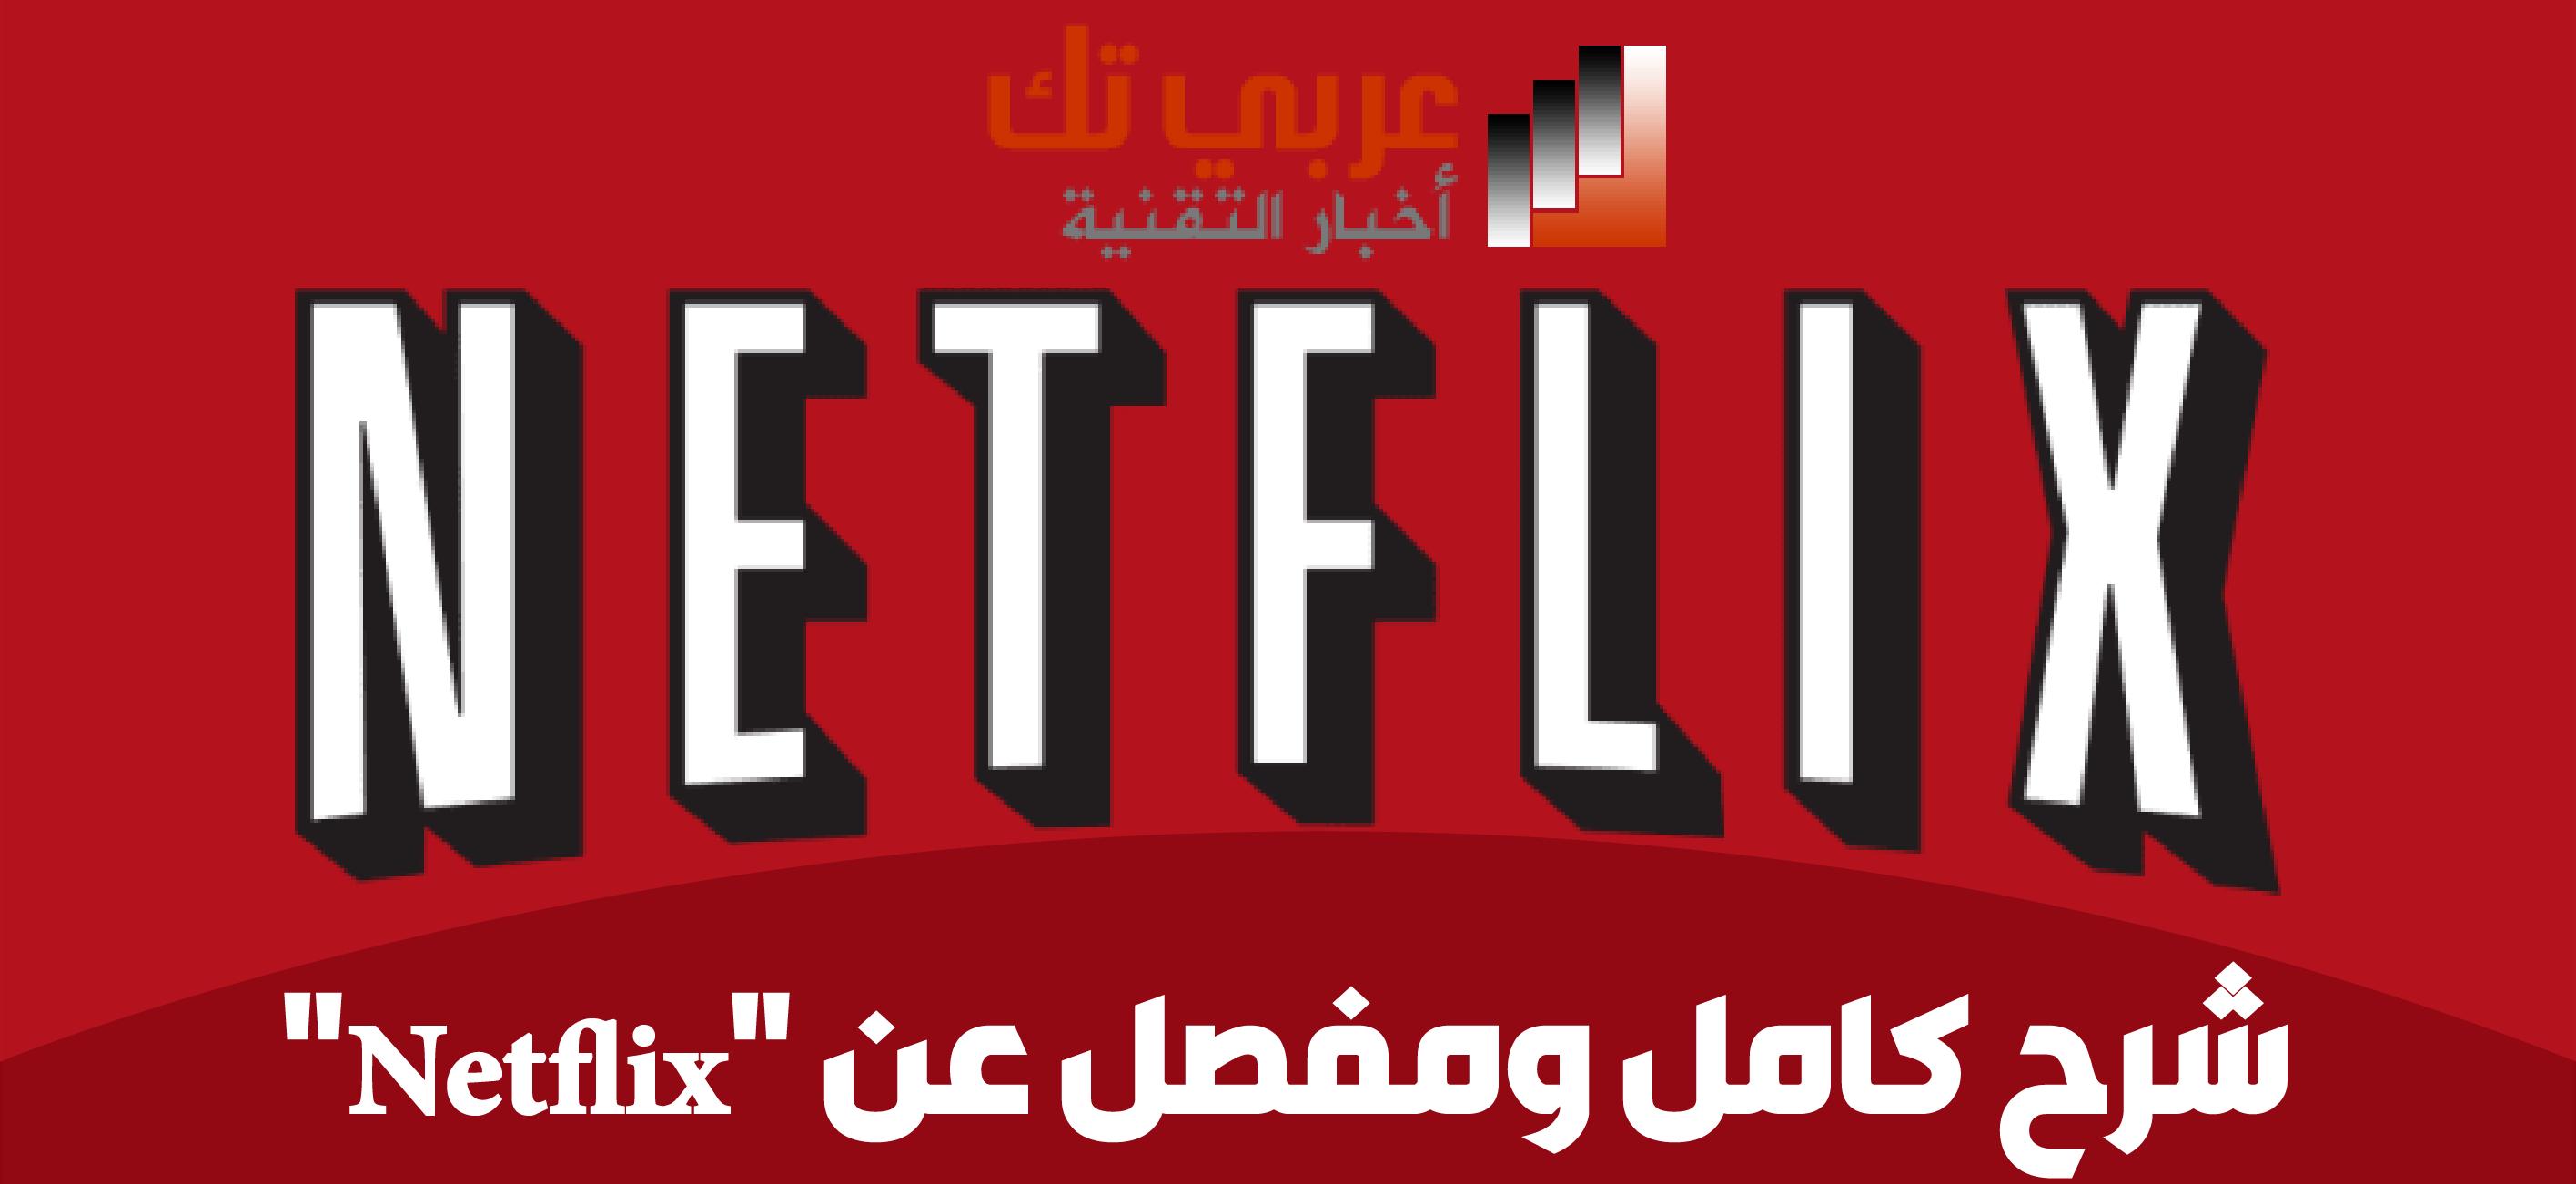 Netflix كل ما تريد معرفته عن موقع نتفلكس لمشاهدة الأفلام والمسلسلات